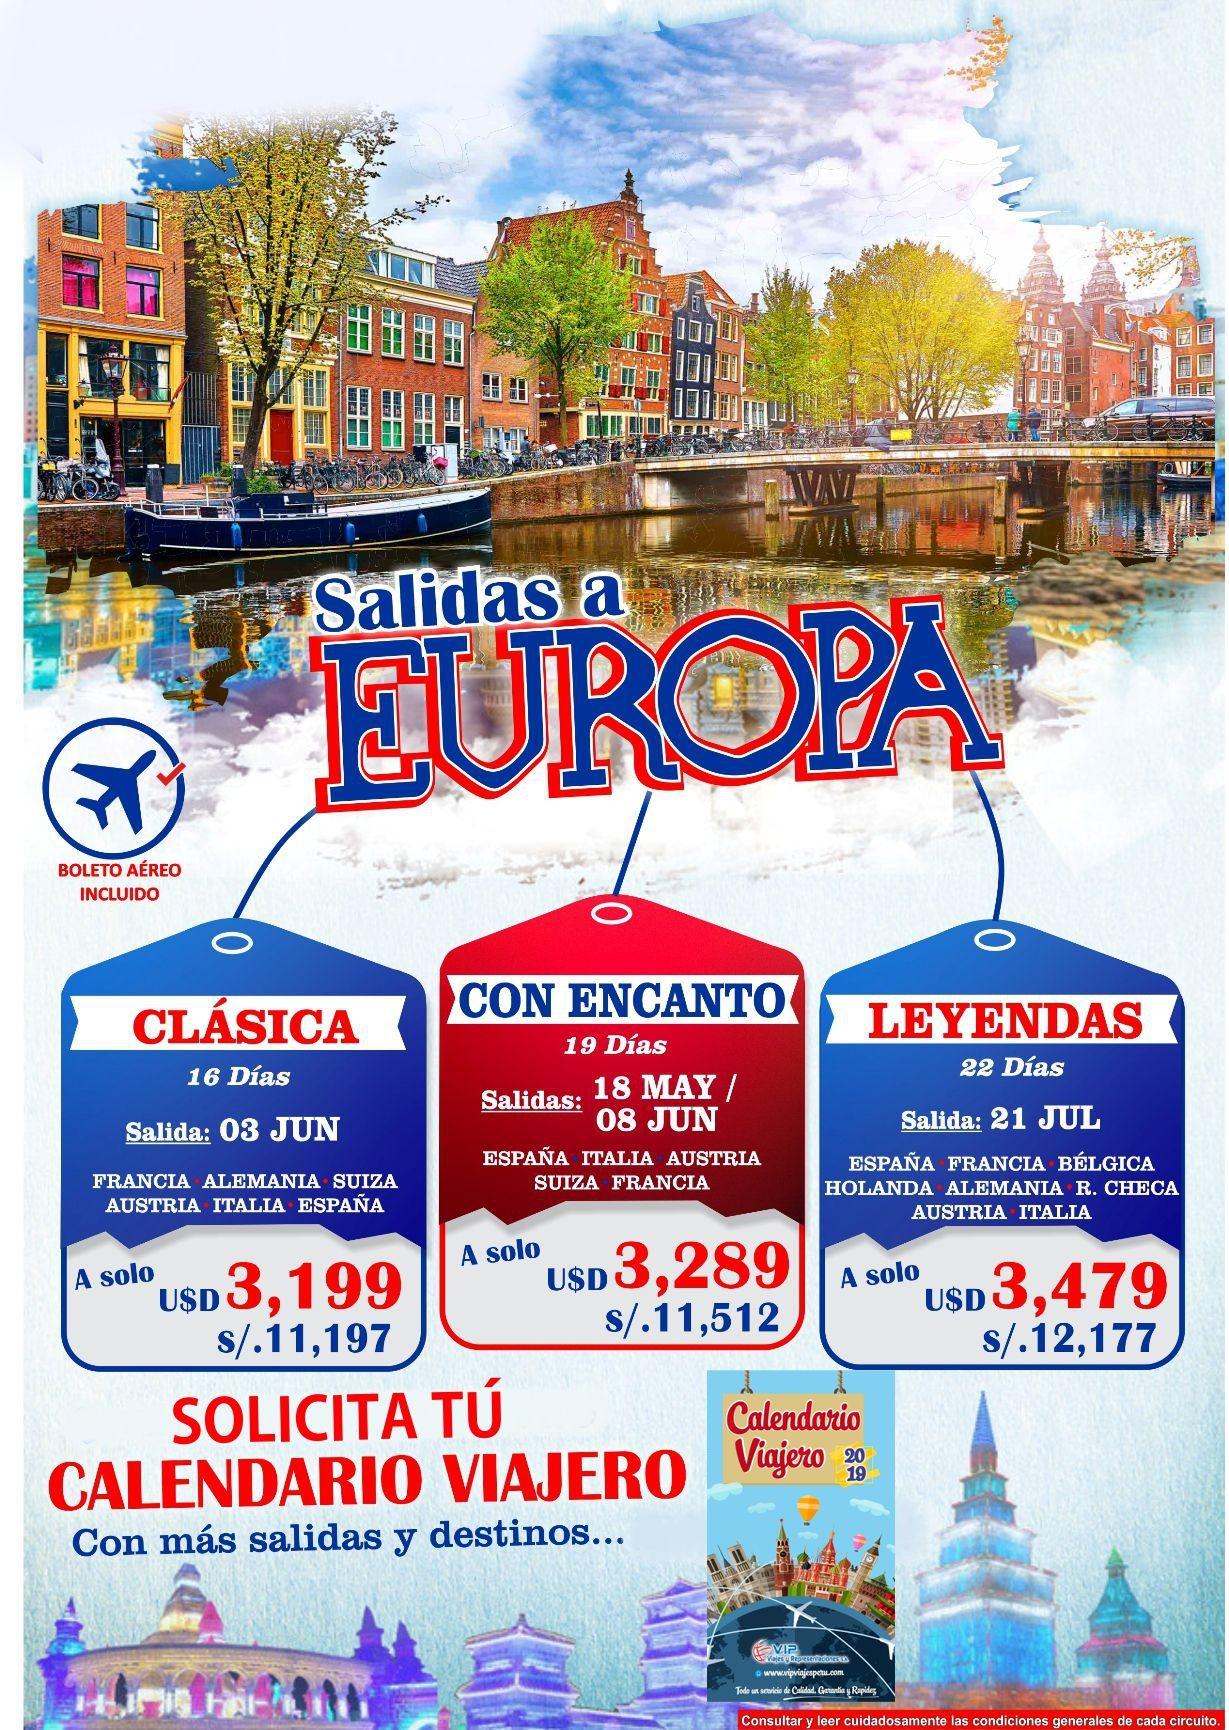 Calendario Agosto 2019 Mexico Más Reciente Directory Flyers Promociones Of Calendario Agosto 2019 Mexico Más Recientes Calendario Para Imprimir 2019 Enero Calendario Imprimir Enero